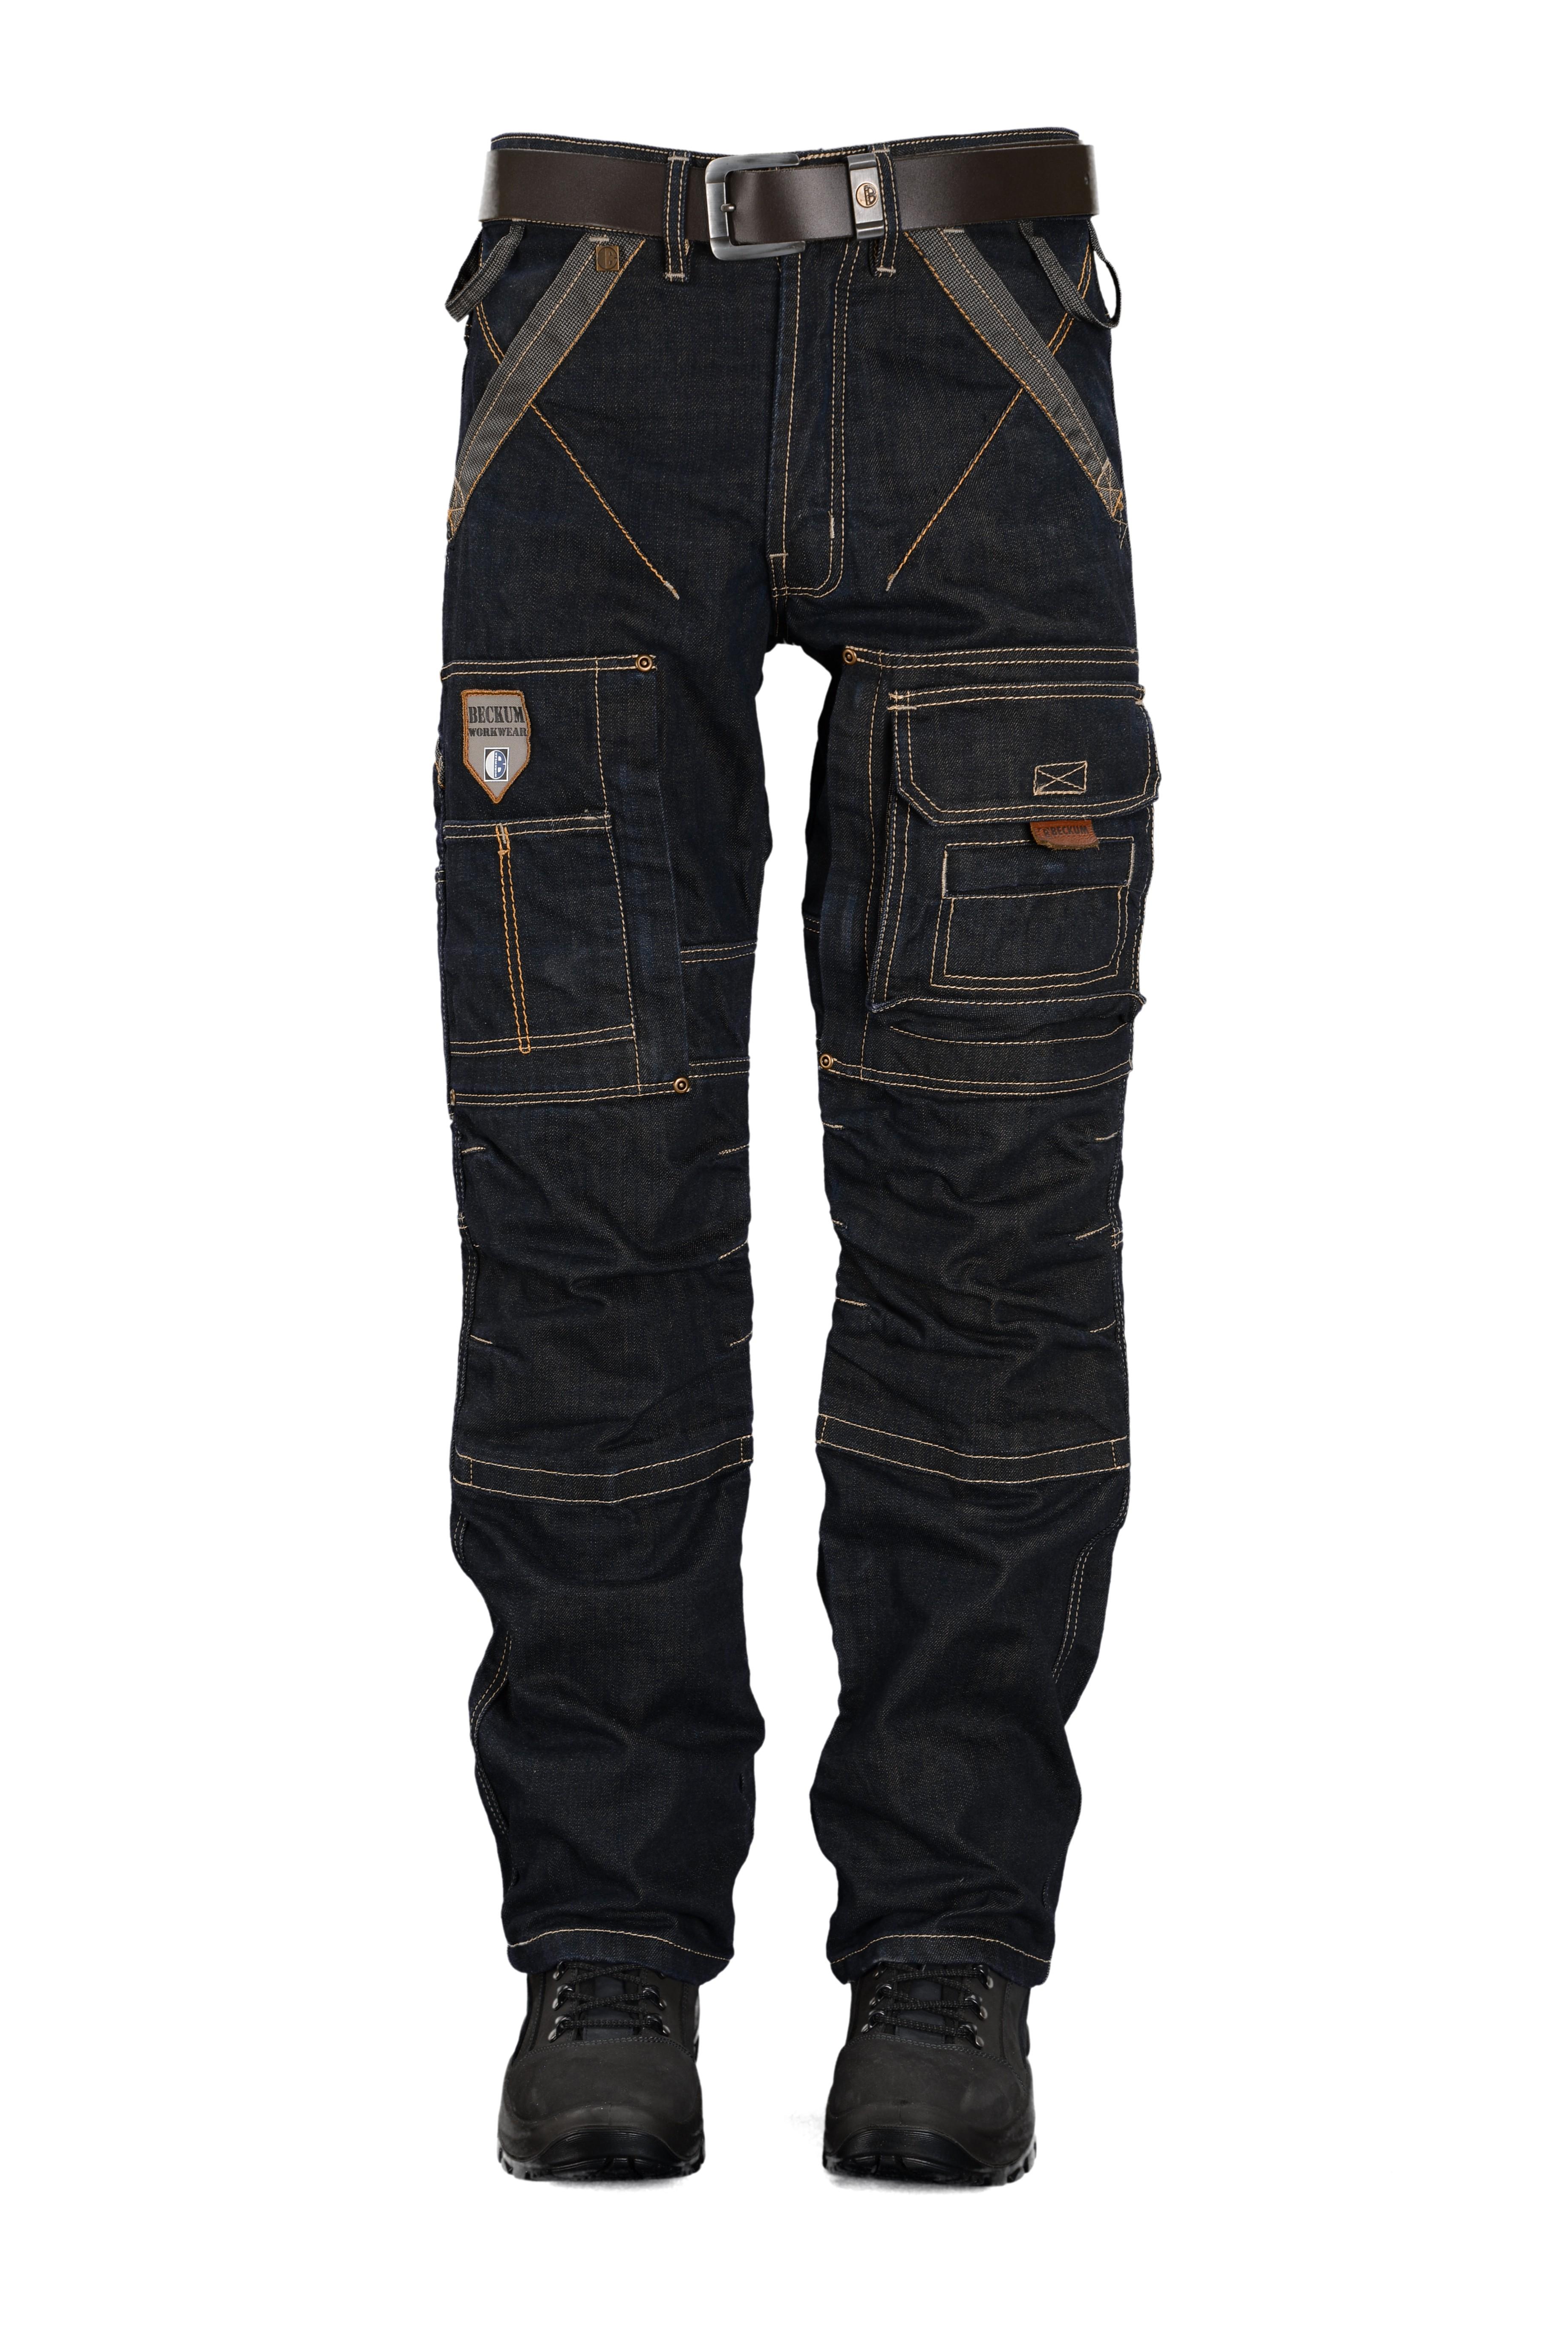 Beckum Workwear EBT24 - Voorkant groot